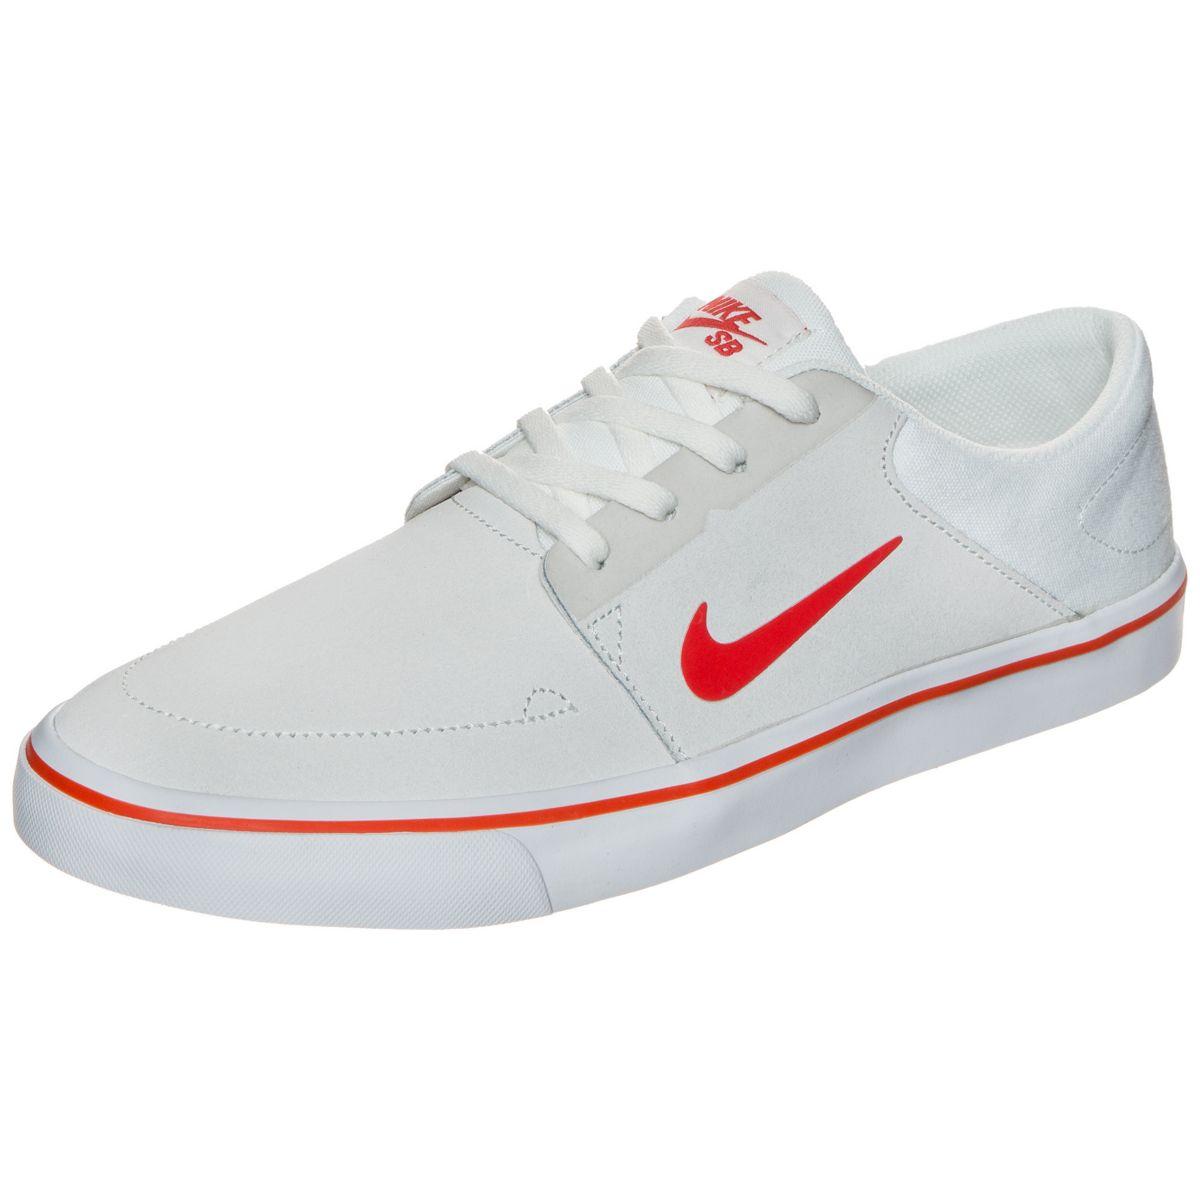 new style 5f1f7 1e228 NIKE Portmore Sneaker Herrren